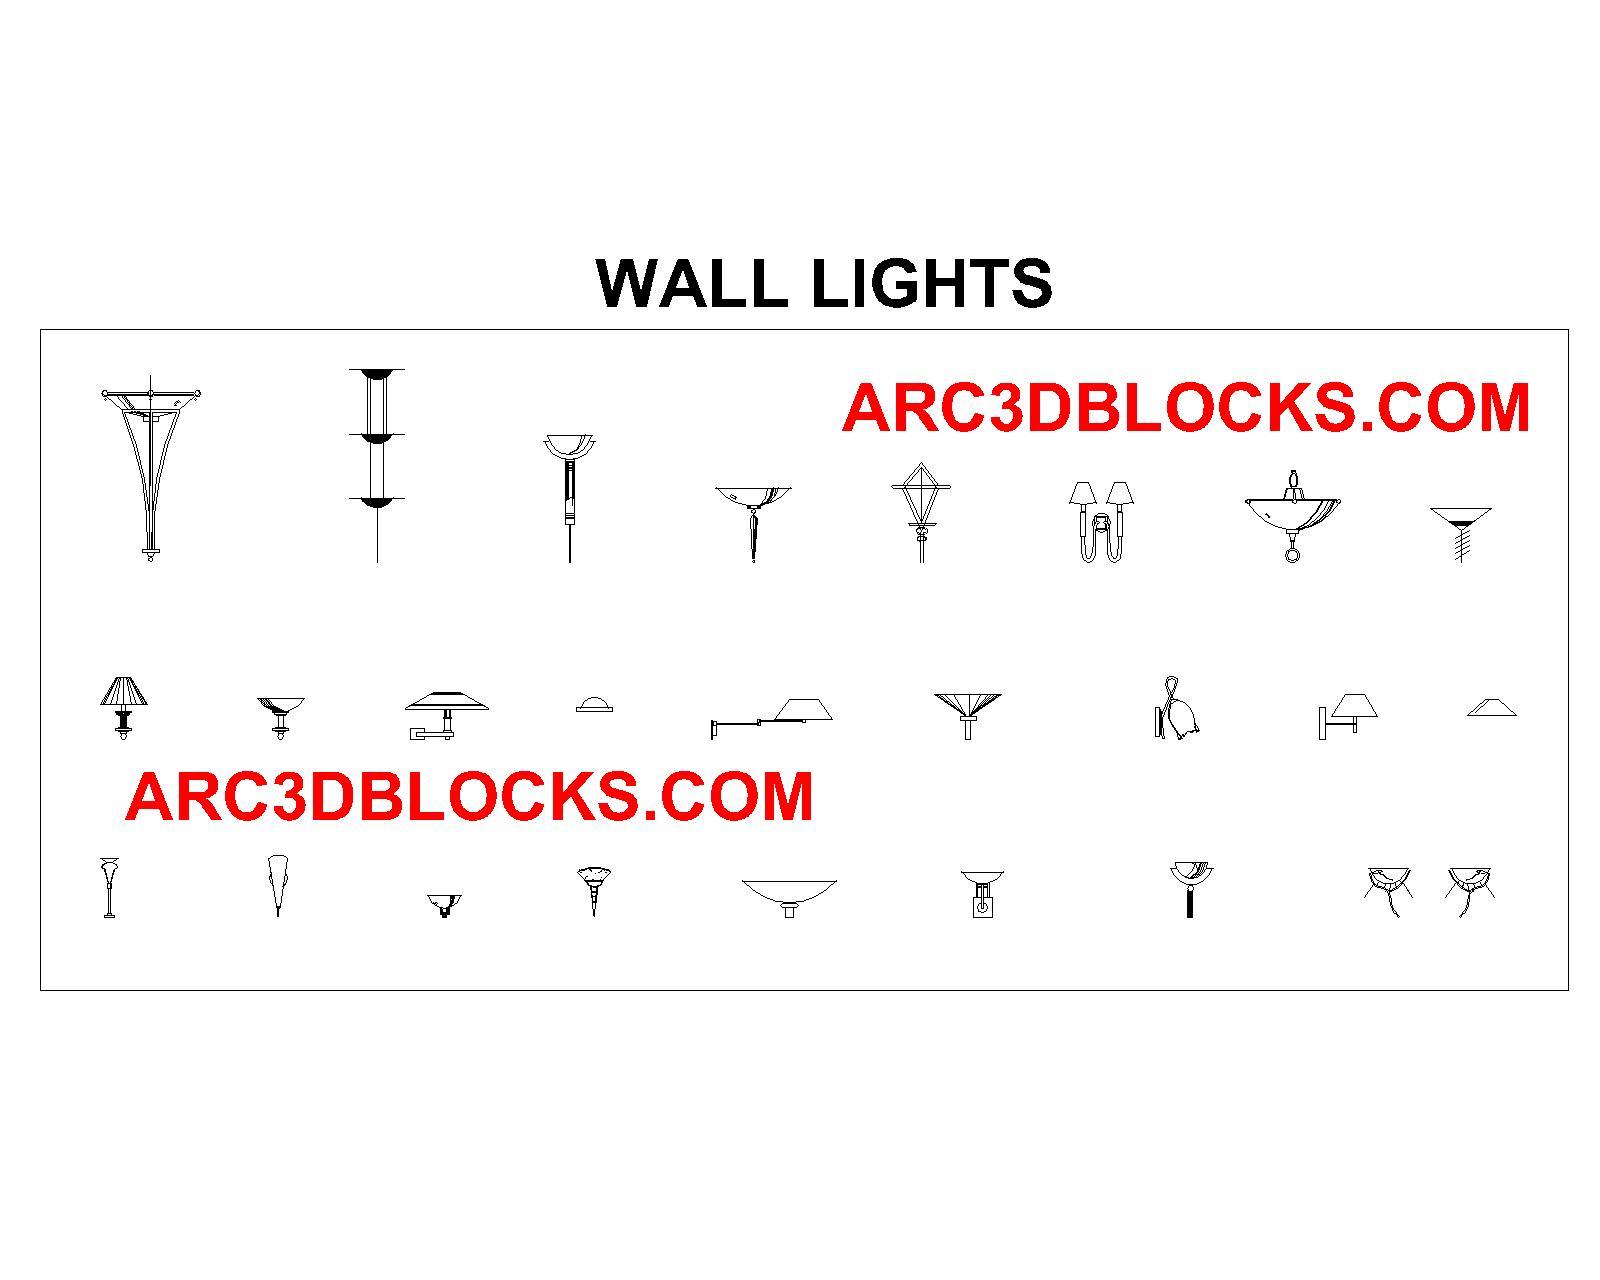 WALL LIGHT CAD BLOCKS